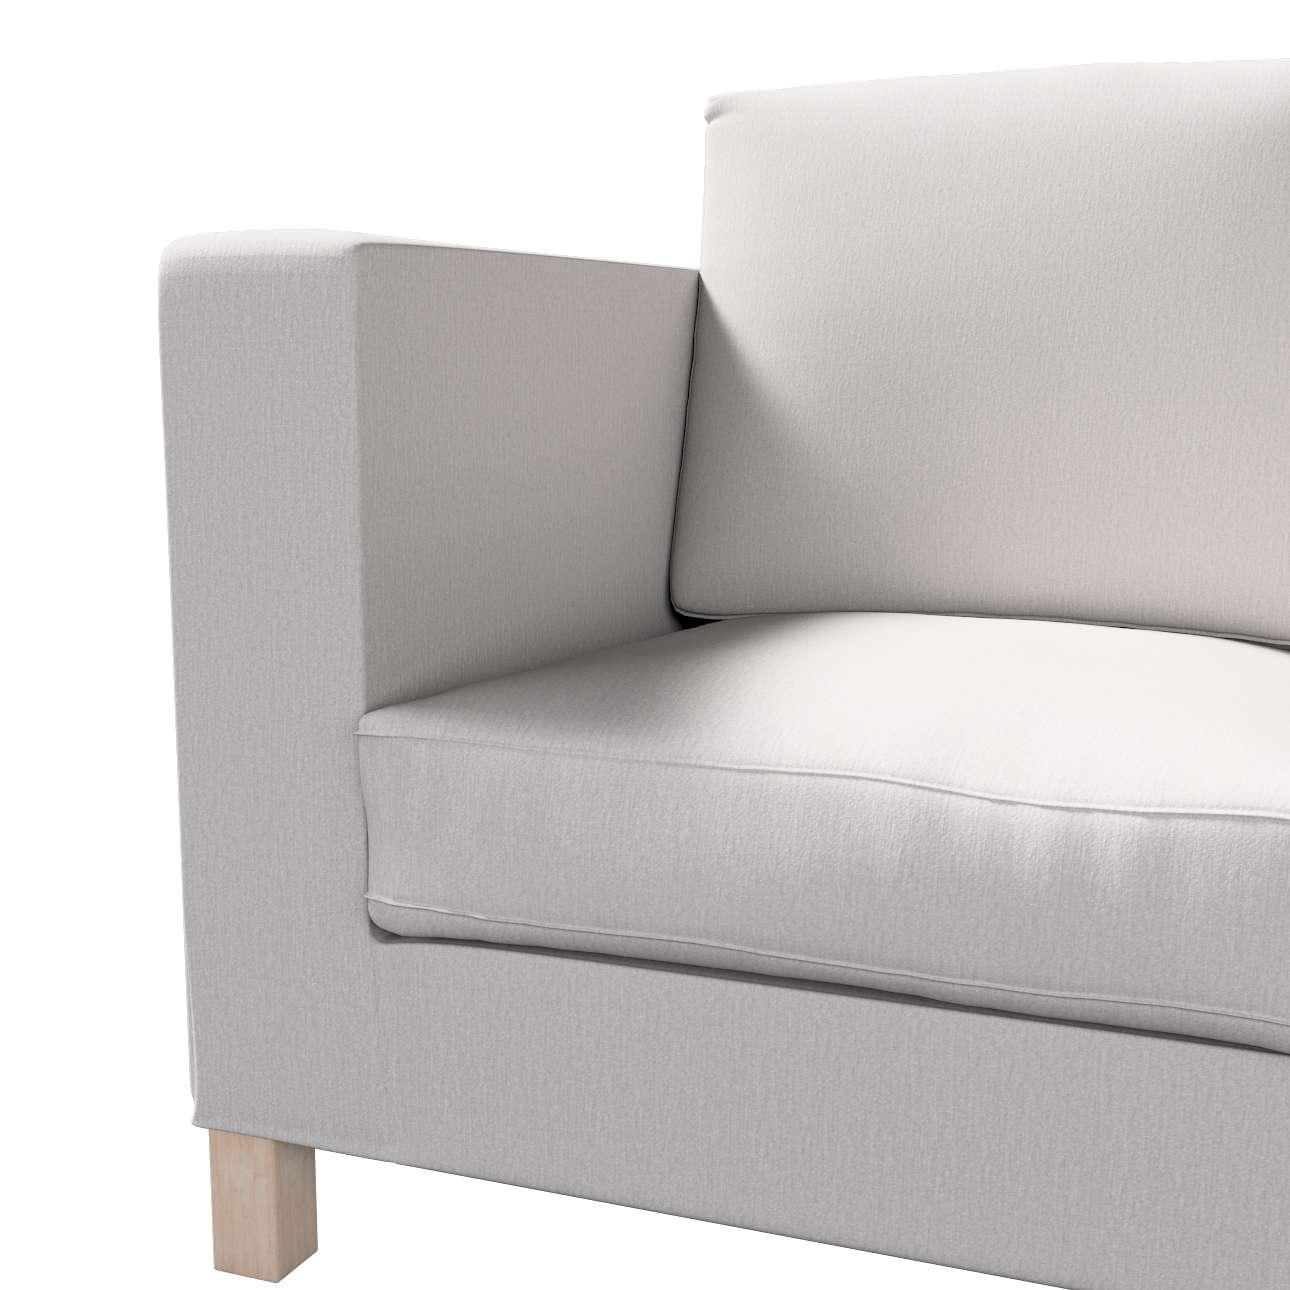 Bezug für Karlanda 3-Sitzer Sofa nicht ausklappbar, kurz von der Kollektion Chenille , Stoff: 702-23